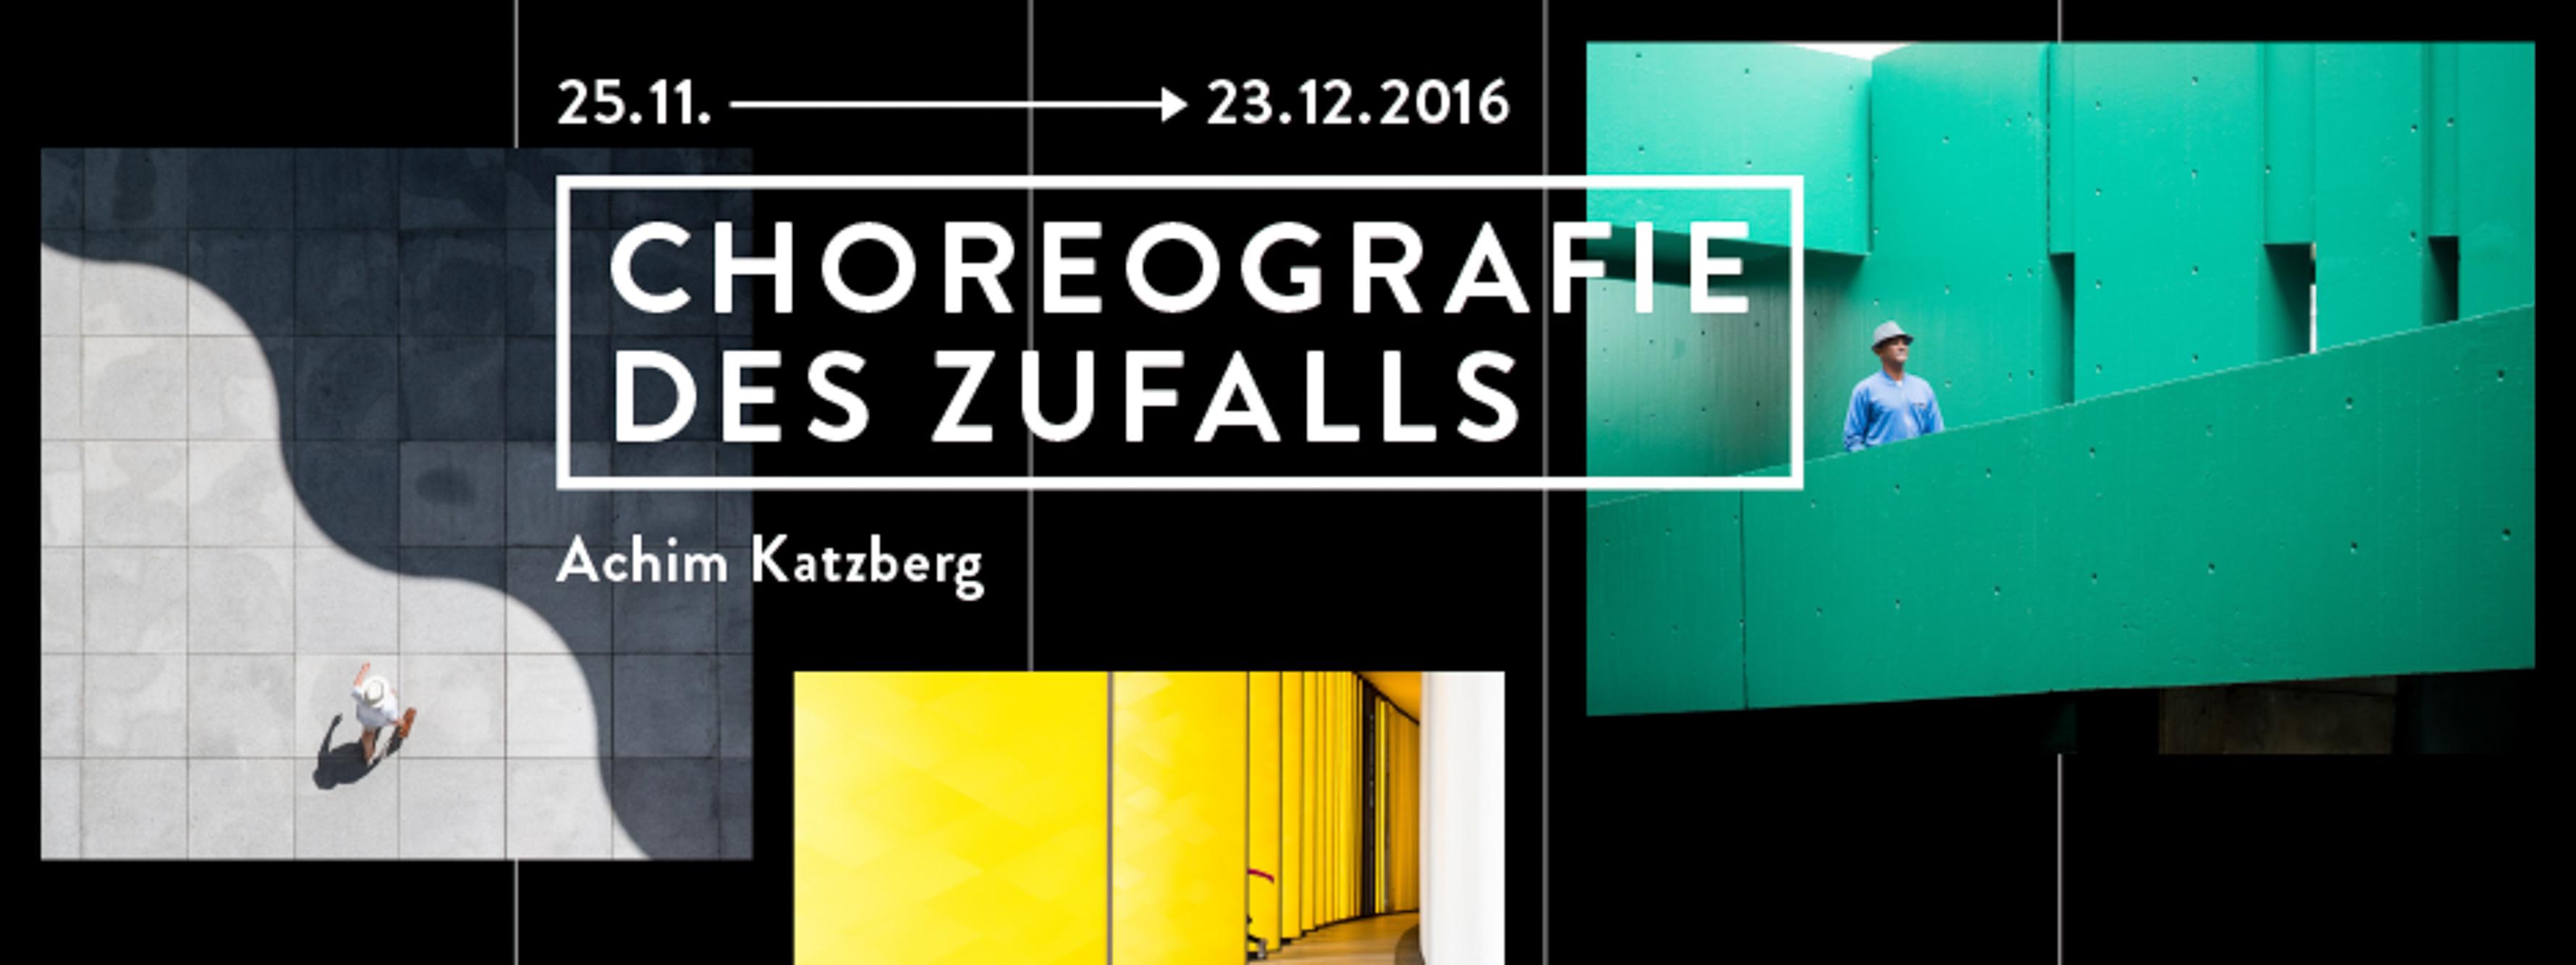 querformat-fotografie - Achim Katzberg - querformat-fotografie_choreografie_des_zufalls_banner-001